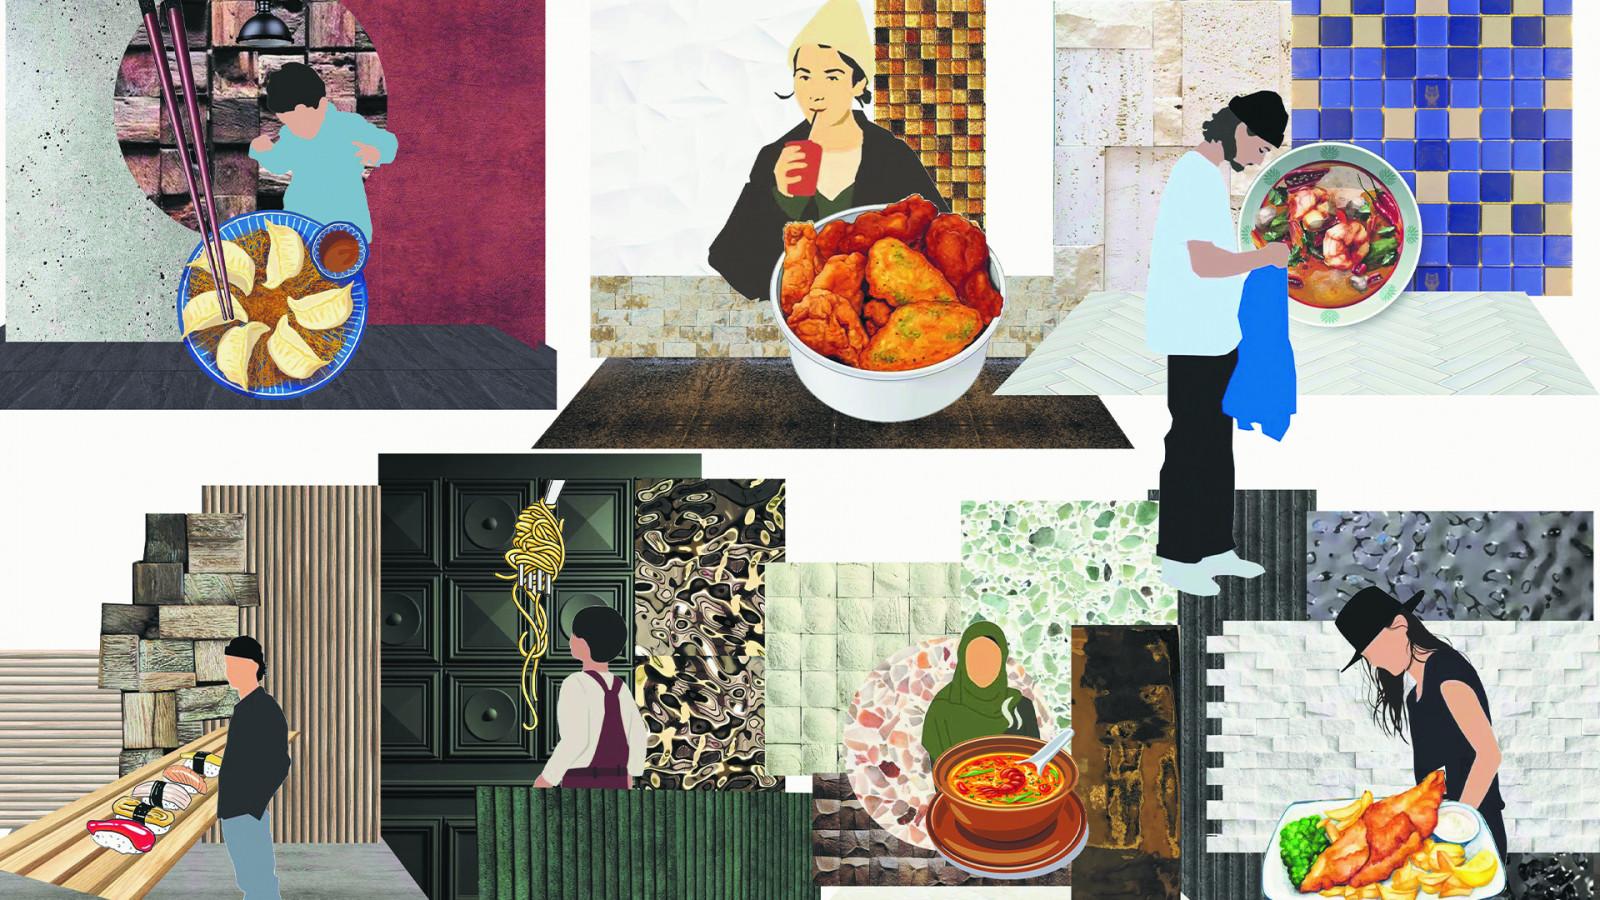 Ruoxi Zhang work image